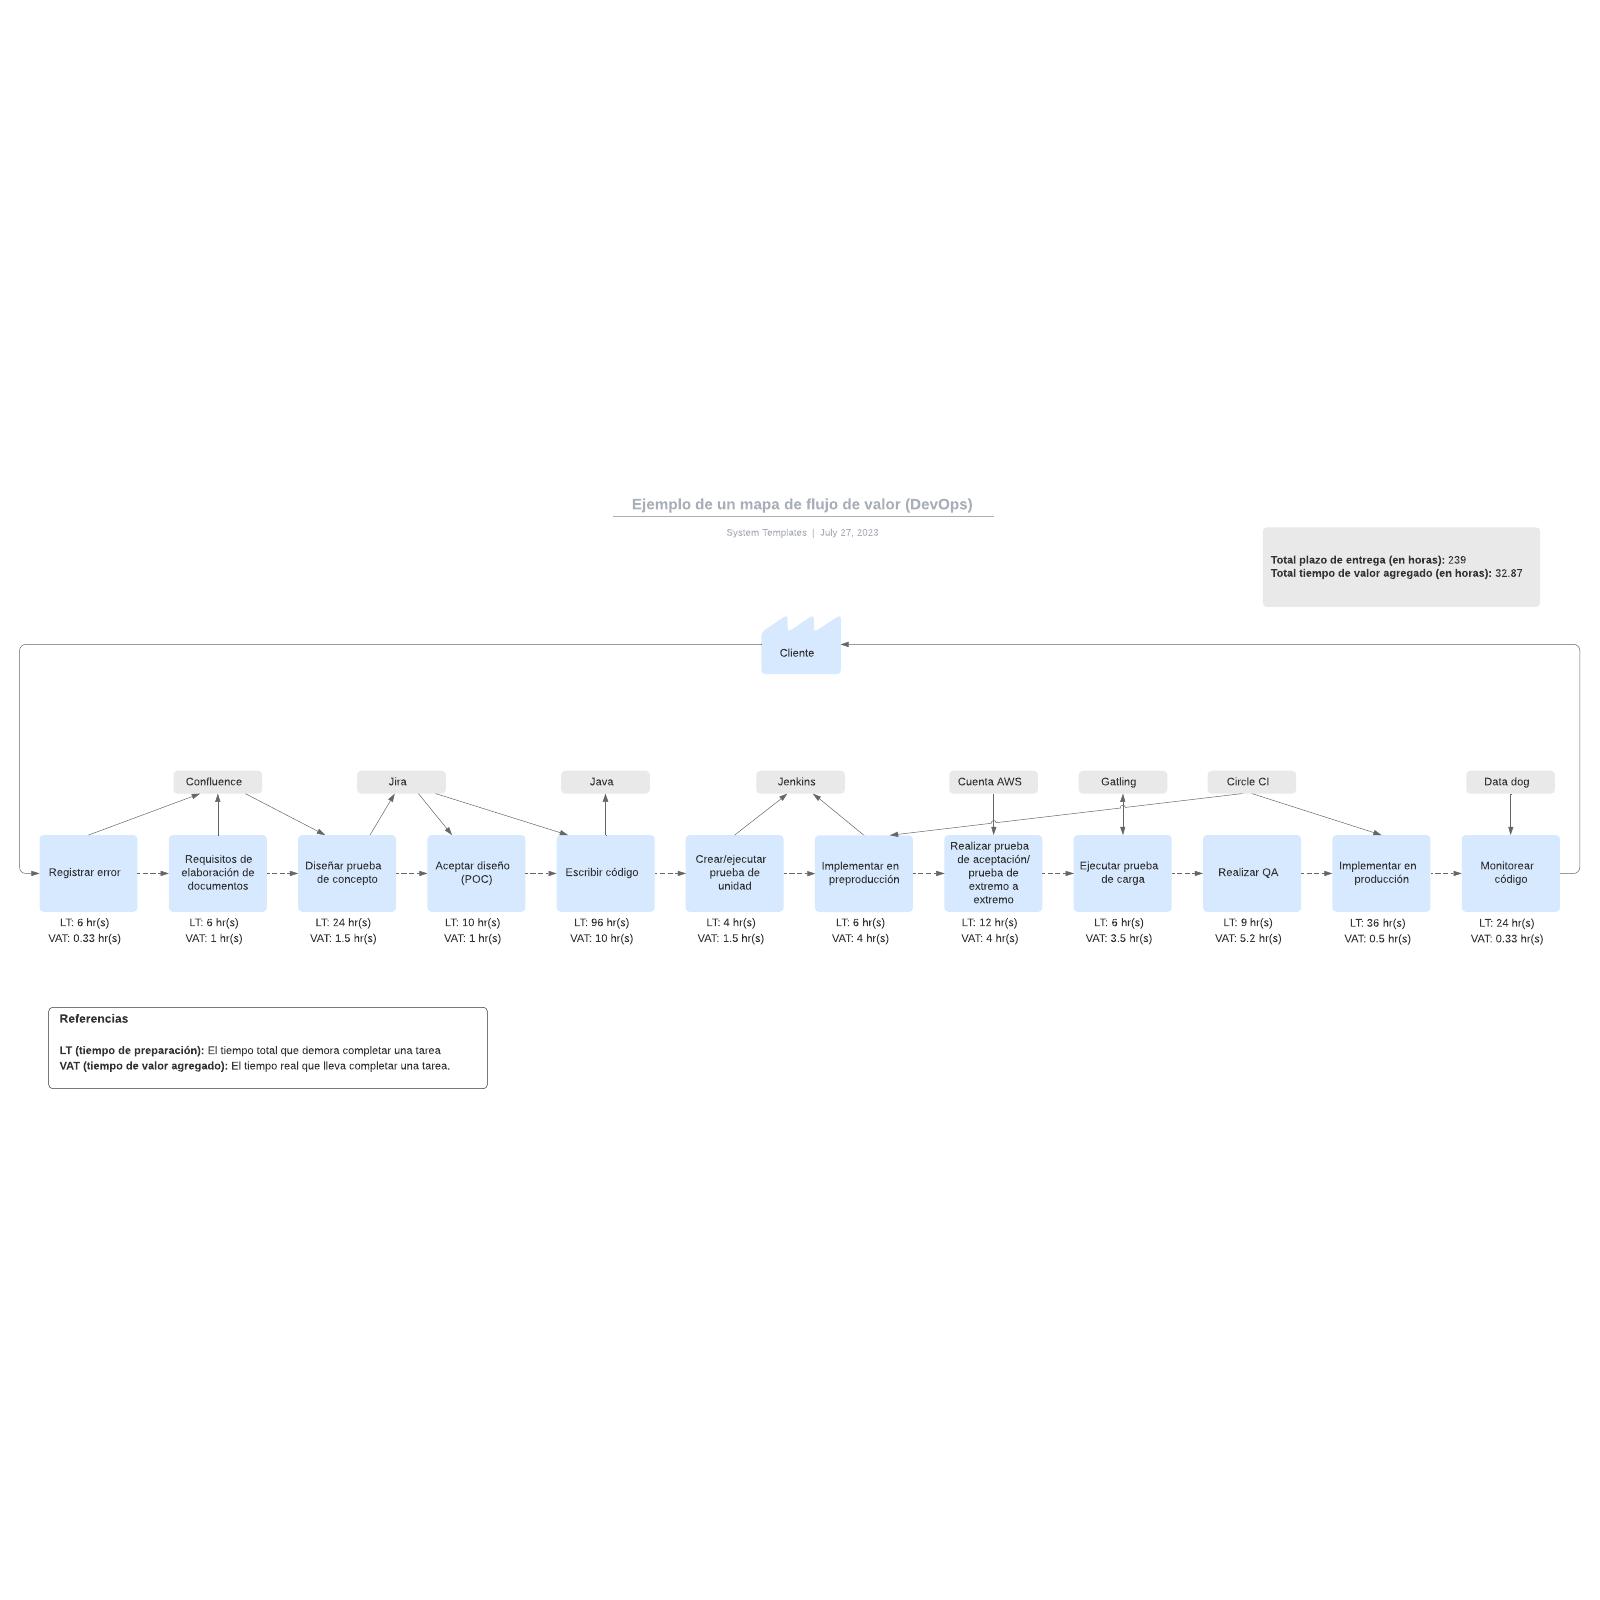 Ejemplo de un mapa de flujo de valor (DevOps)